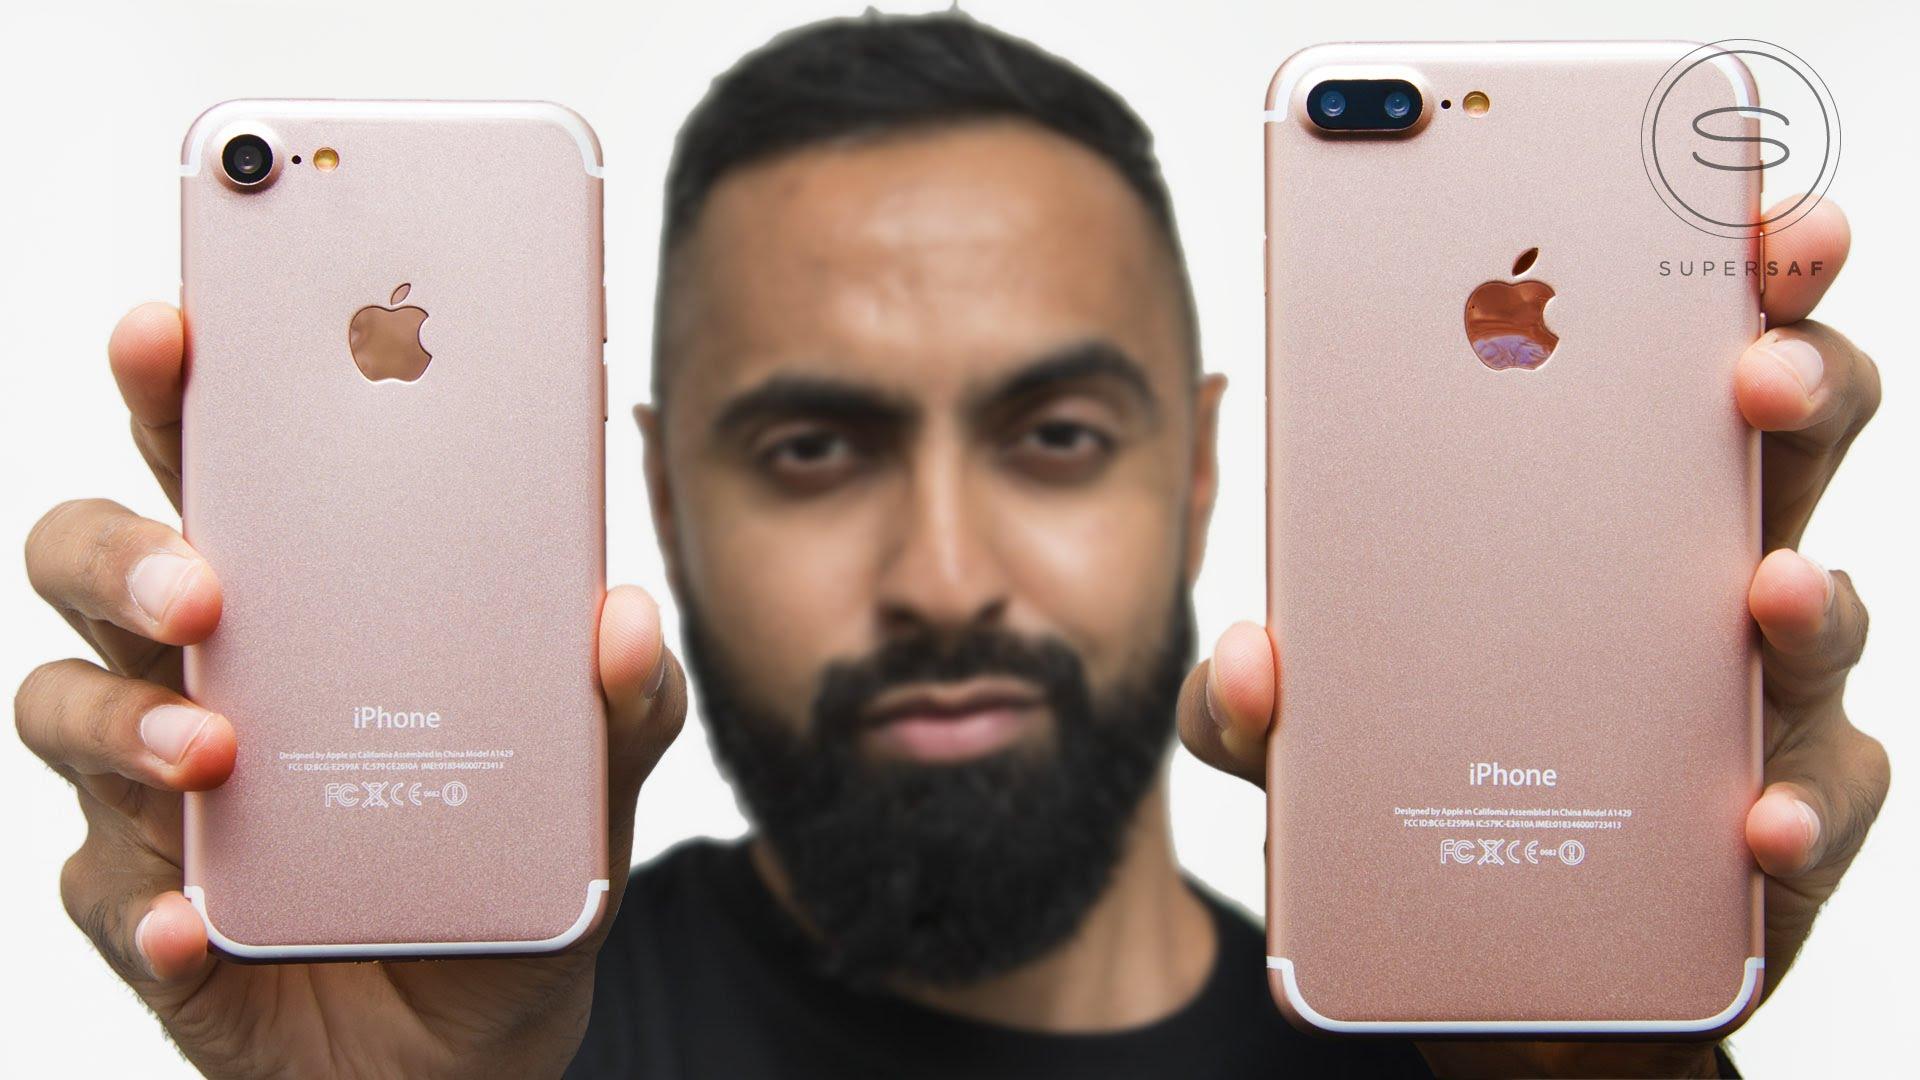 當 iPhone 7 / iPhone 7 Plus 走在一起 你會感動嗎?